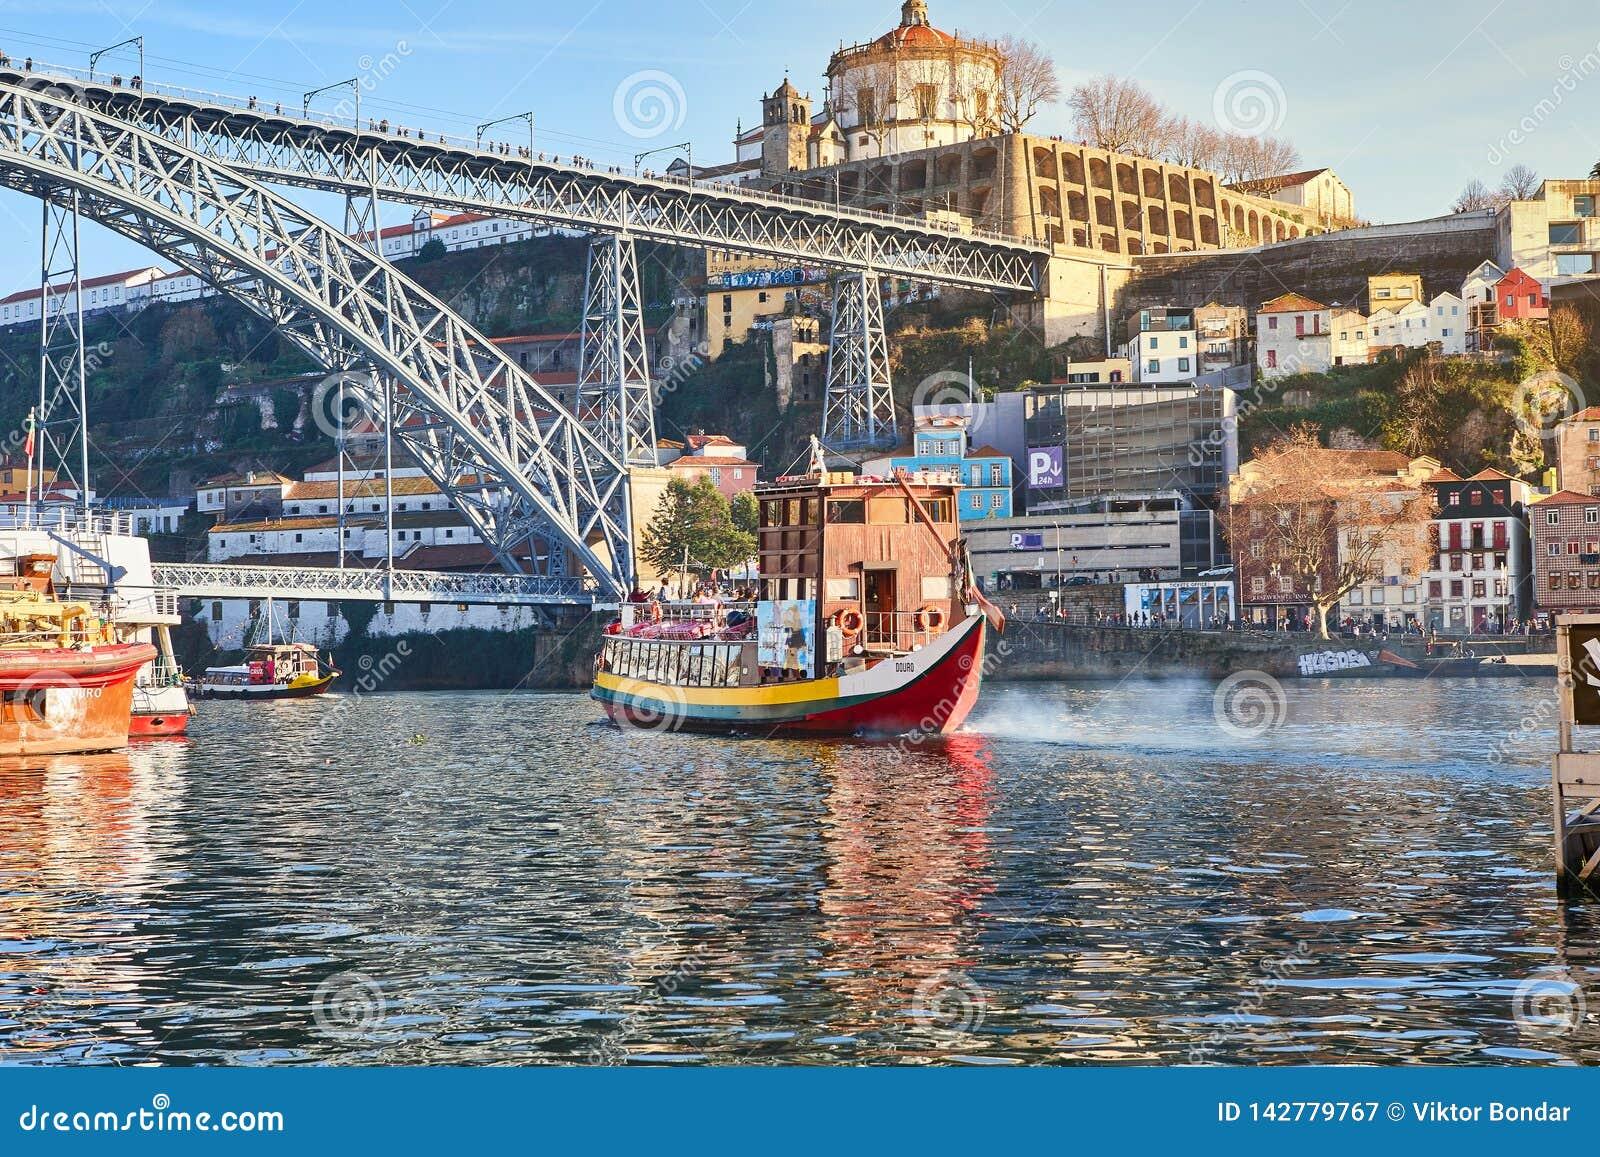 09 de diciembre de 2018 - Oporto, Portugal: Vista de la ciudad histórica con el puente de Dom Luiz Un tren del metro se puede ver